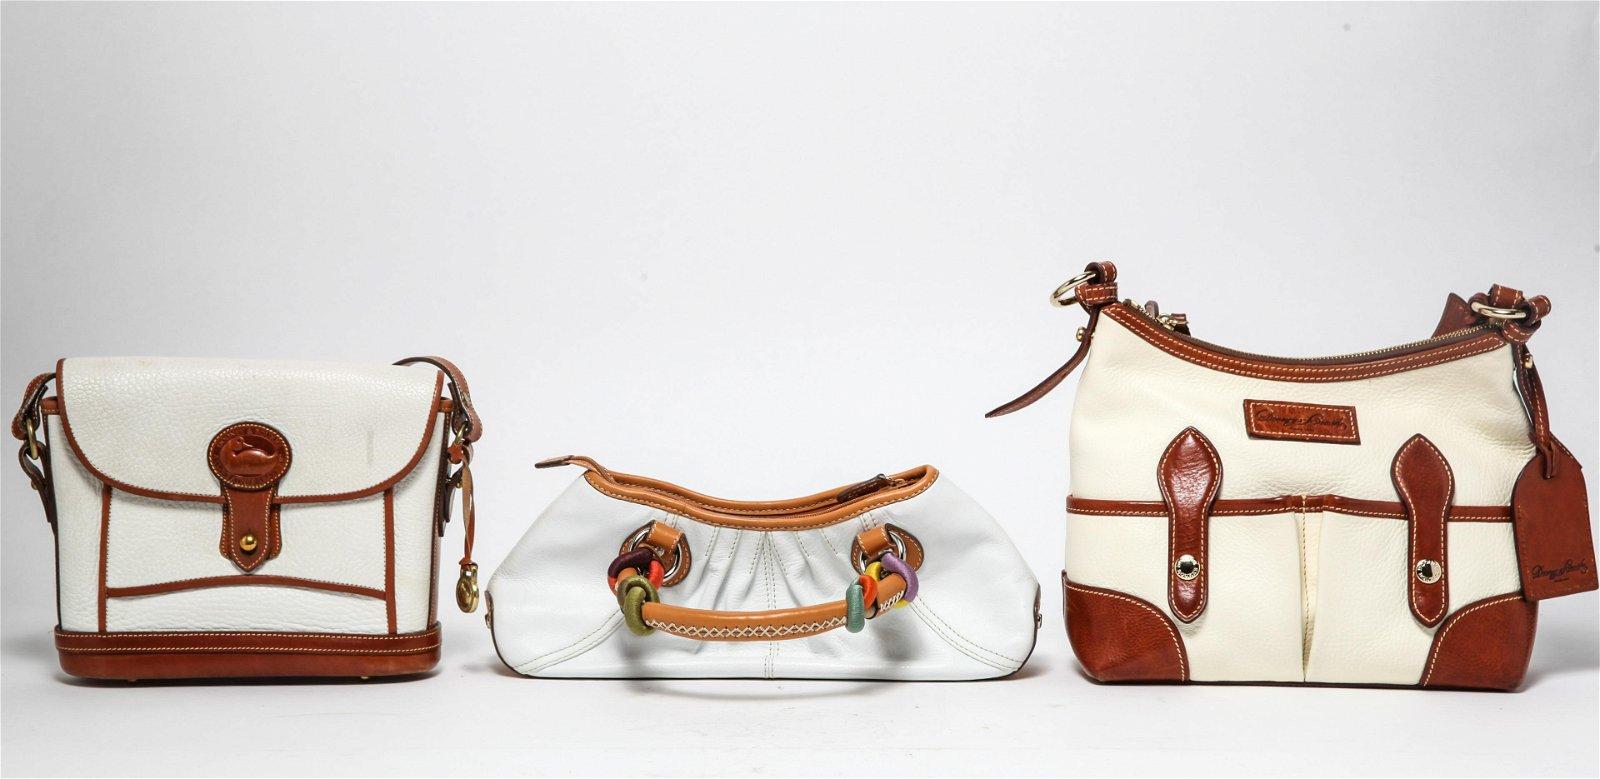 Designer White Leather Handbags, 3